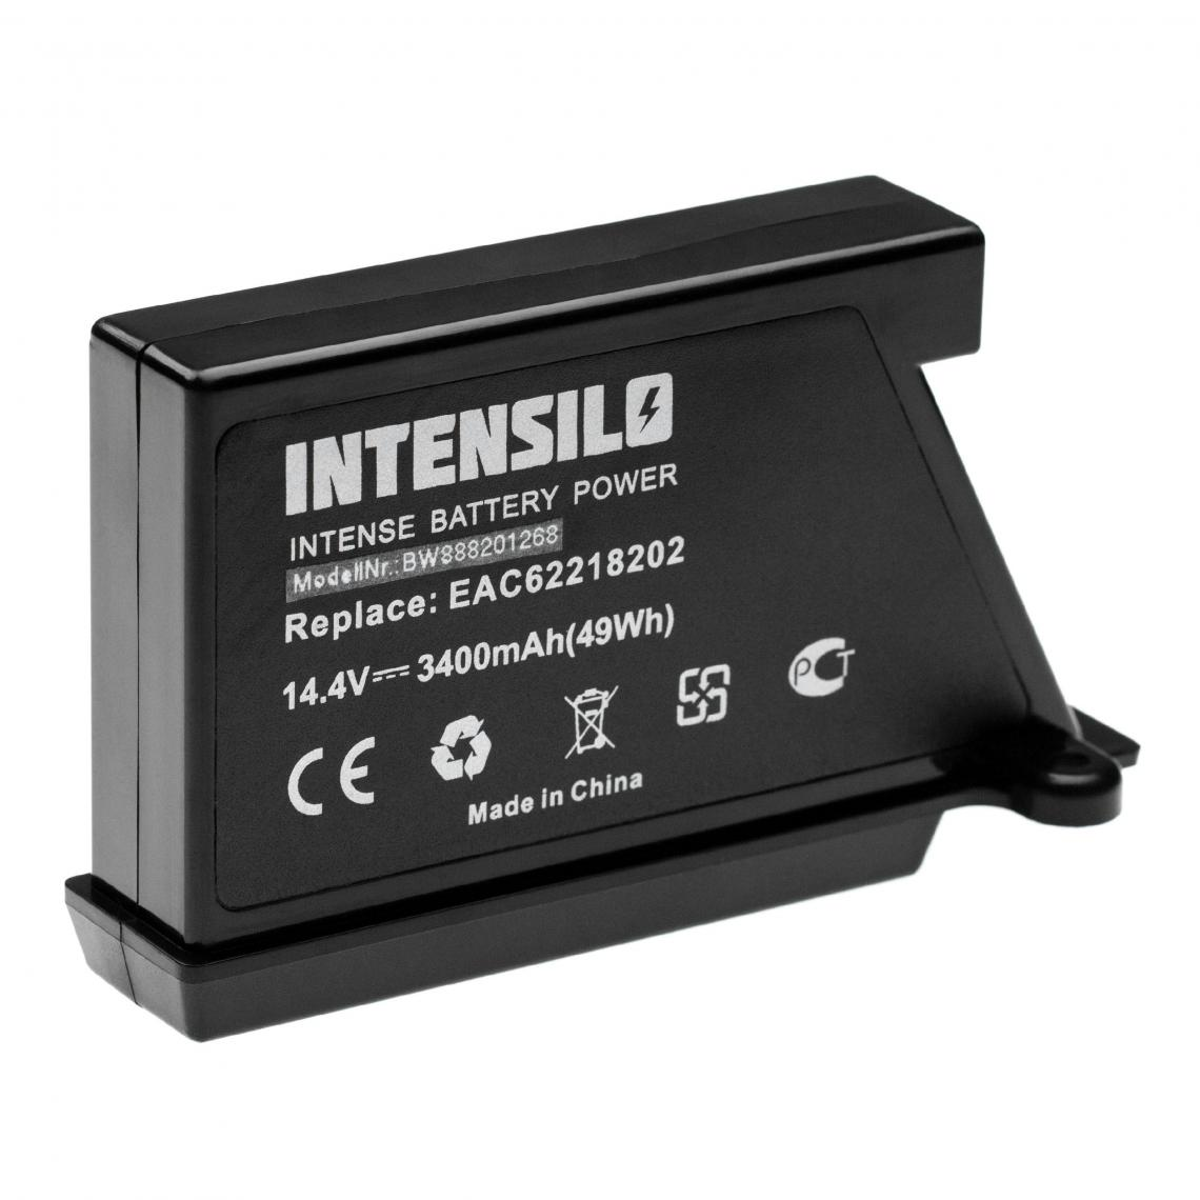 Vhbw INTENSILO Batterie compatible avec LG HOM-BOT VR8600RB, VR8600RR, VR9624PR robot électroménager (3400mAh, 14,4V, Li-ion)